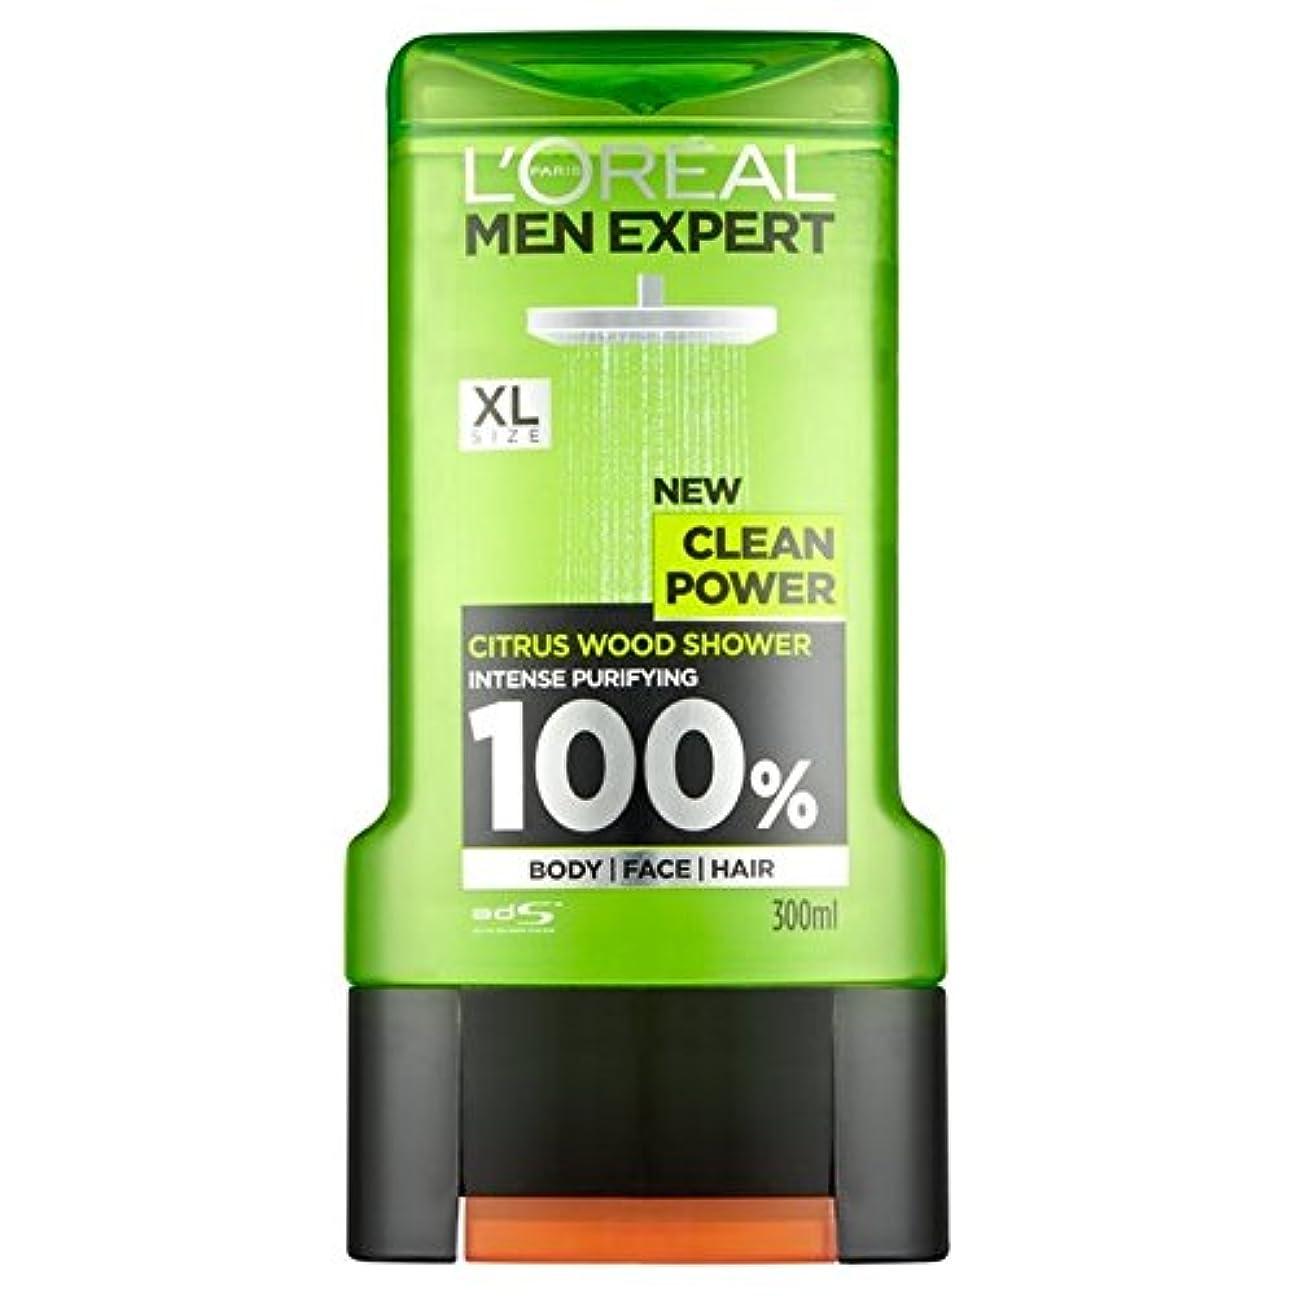 インストール夜明けにさびたロレアルパリの男性の専門家クリーンパワーシャワージェル300ミリリットル x2 - L'Oreal Paris Men Expert Clean Power Shower Gel 300ml (Pack of 2) [並行輸入品]